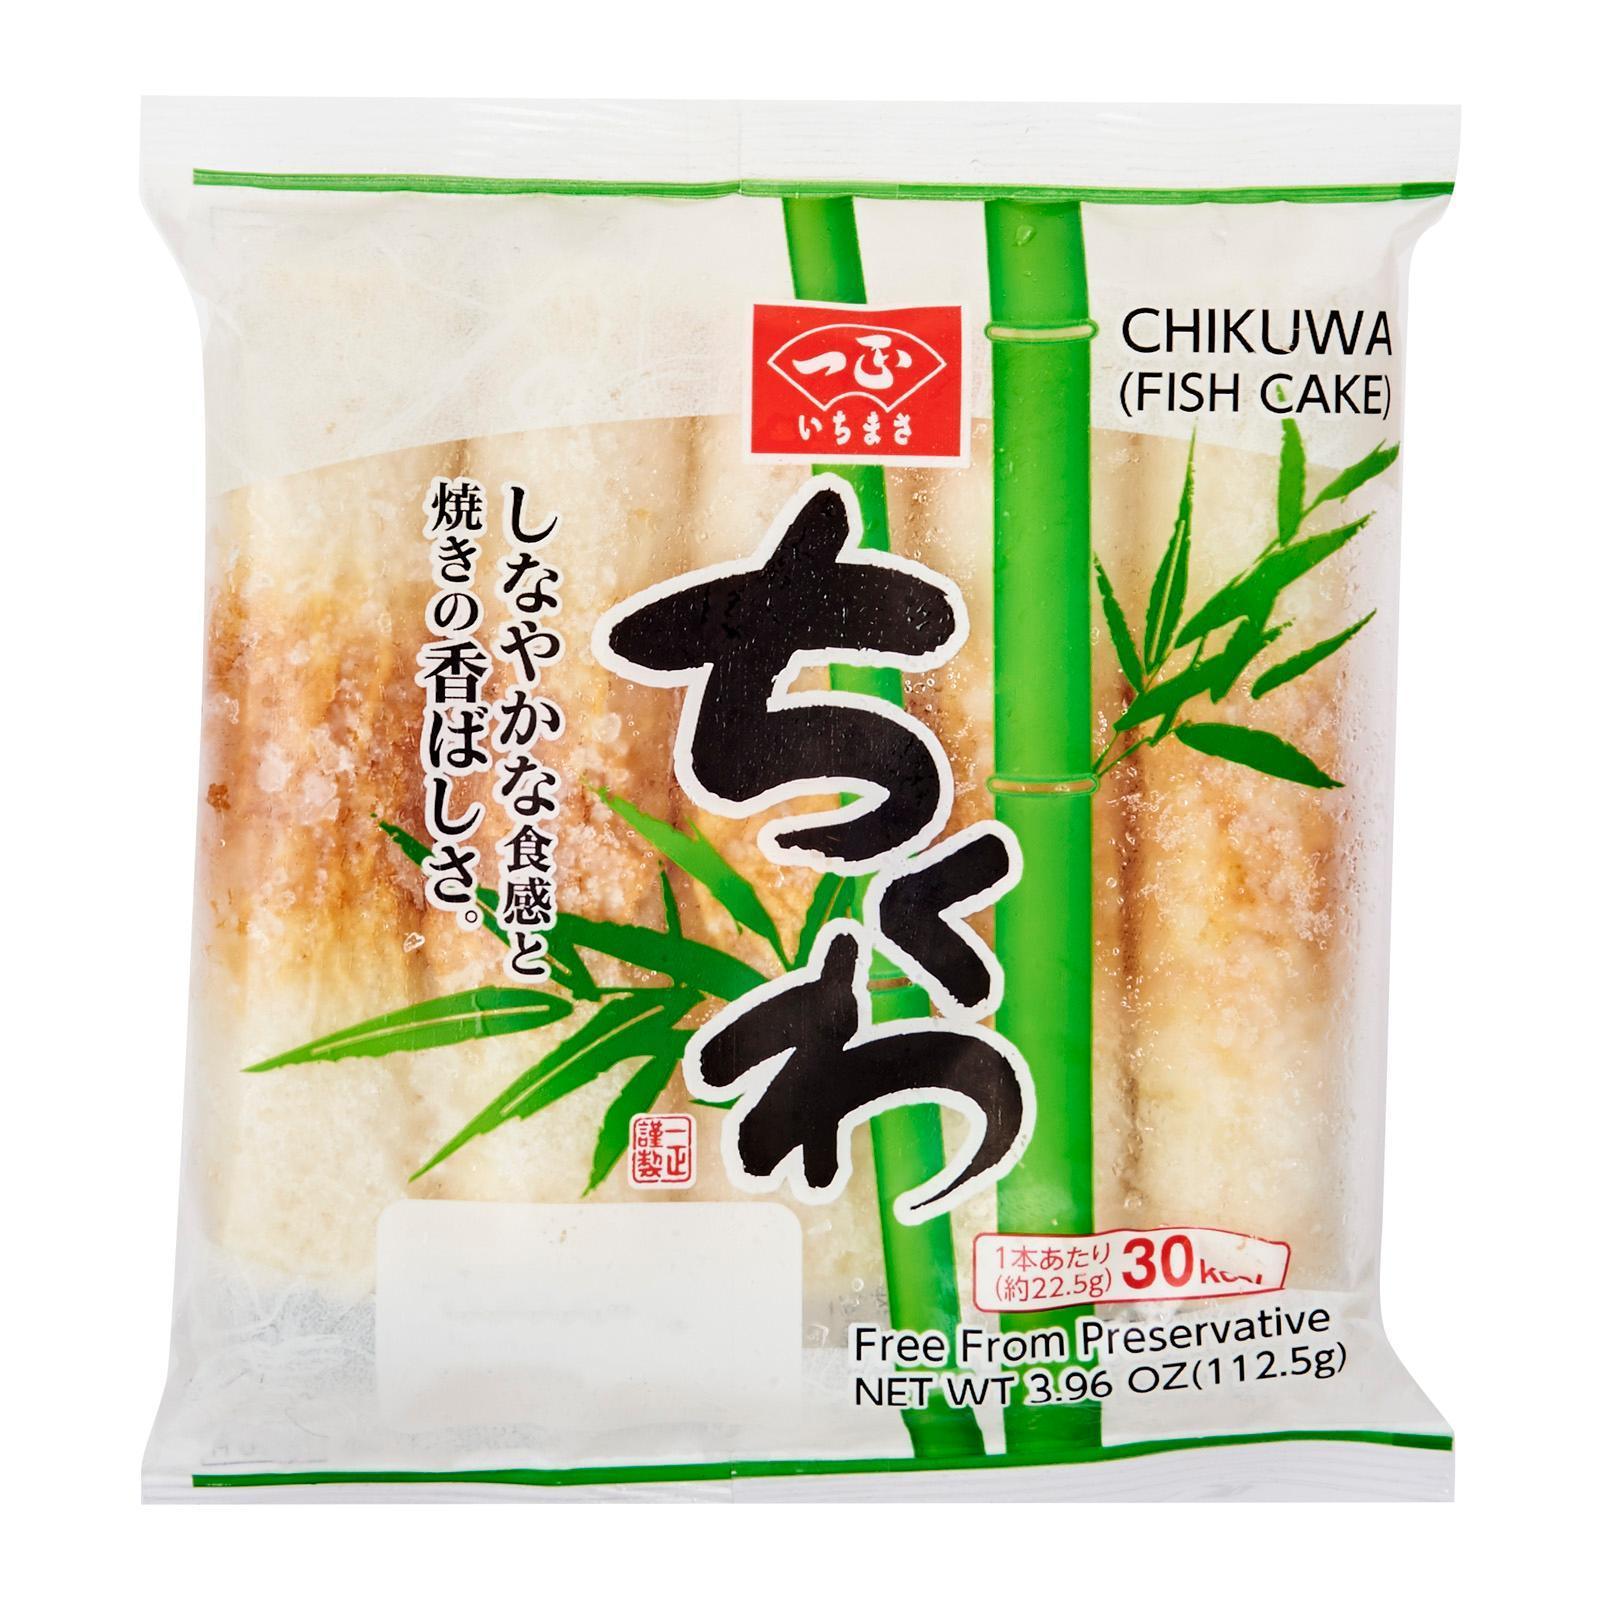 Ichimasa Kamaboko Chikuwa Japanese Fish Cakes - Frozen - Kirei